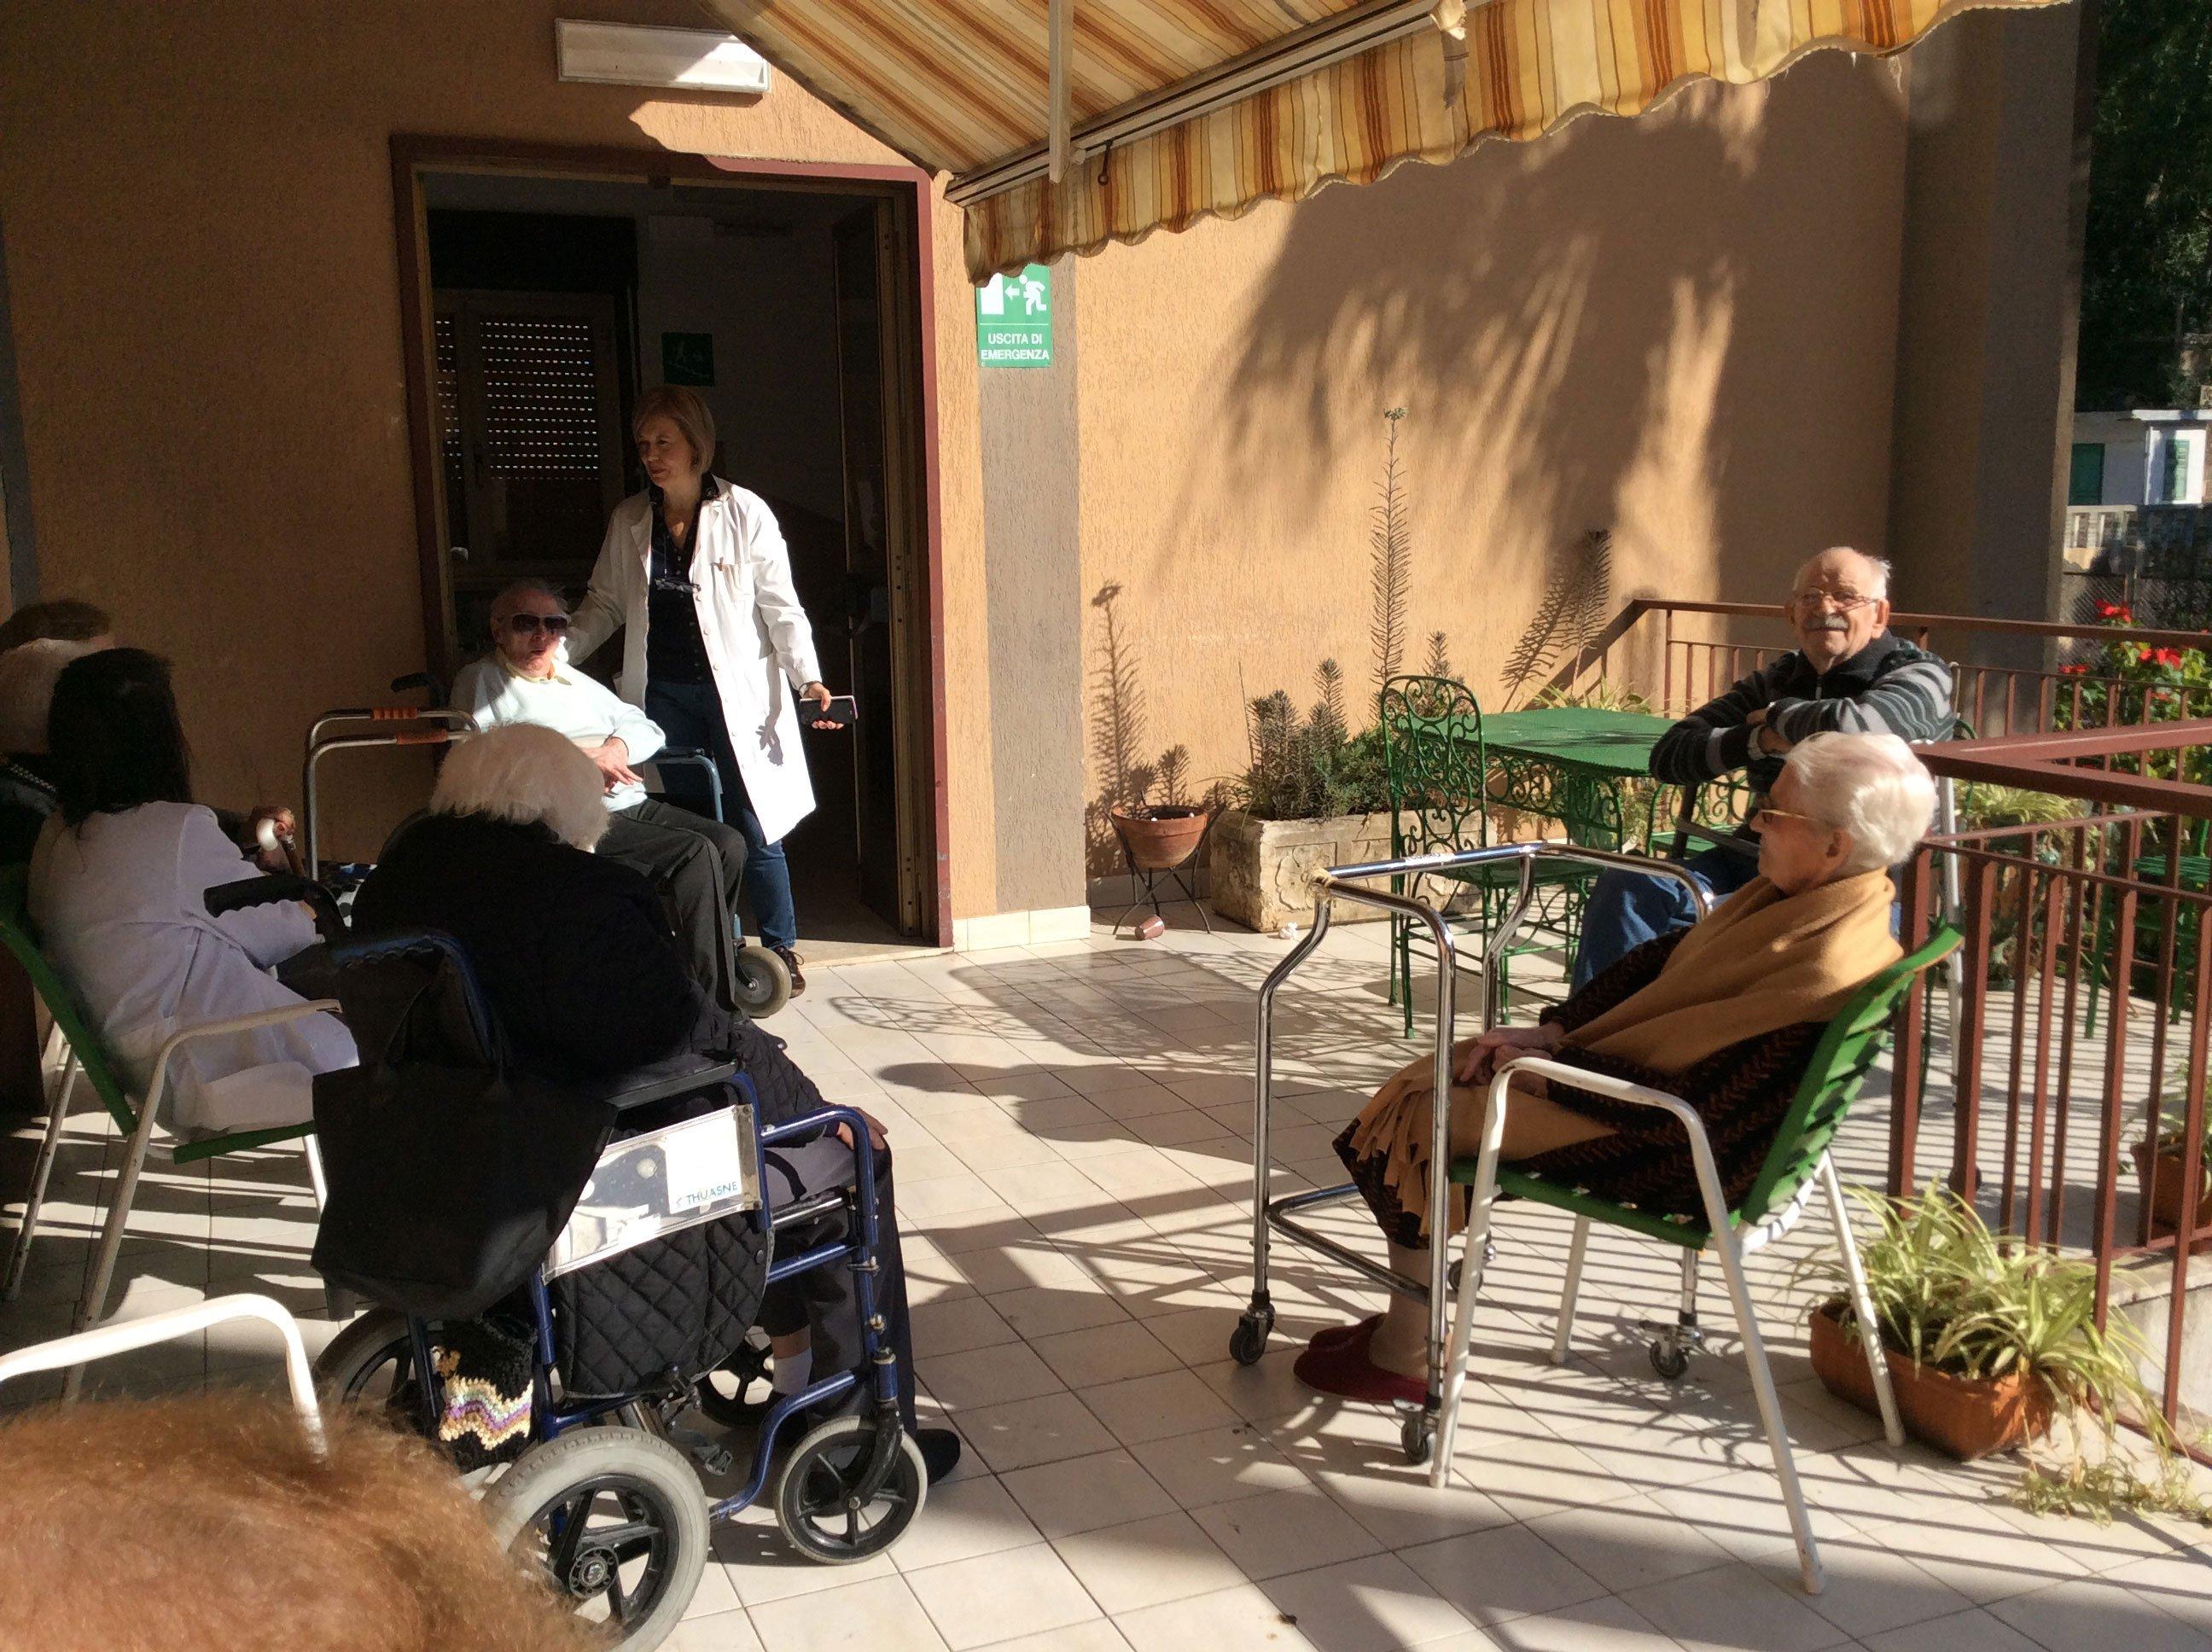 delle persone in carrozzina a rotelle e alcune sedute in un terrazzo vicino a loro,in piedi, c'e' una donna con il camice bianco